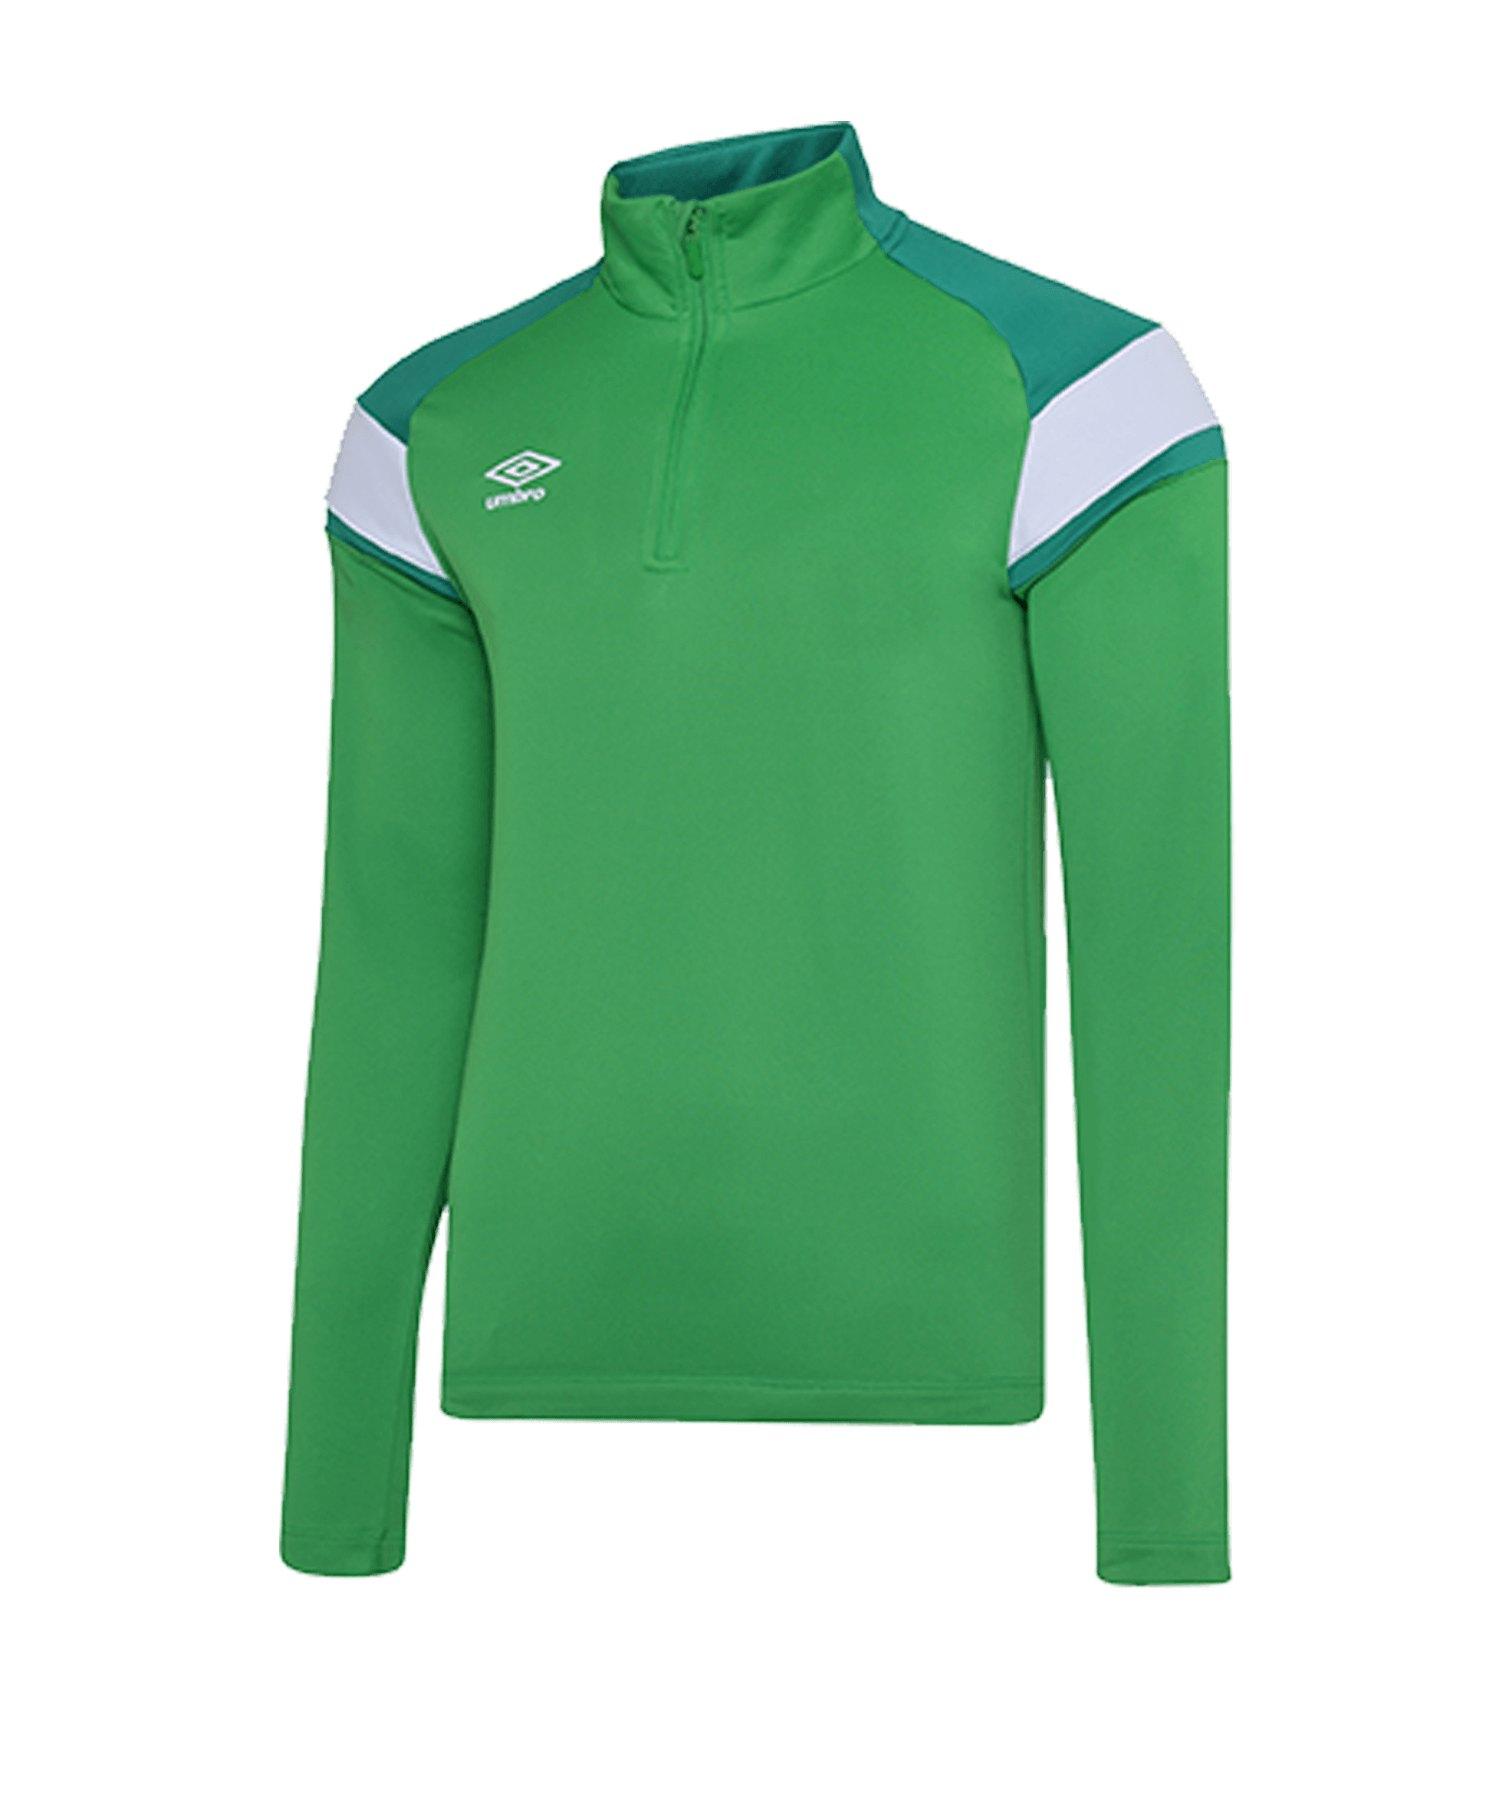 Umbro 1/2 Zip Sweatshirt Grün Weiss FGRE - gruen